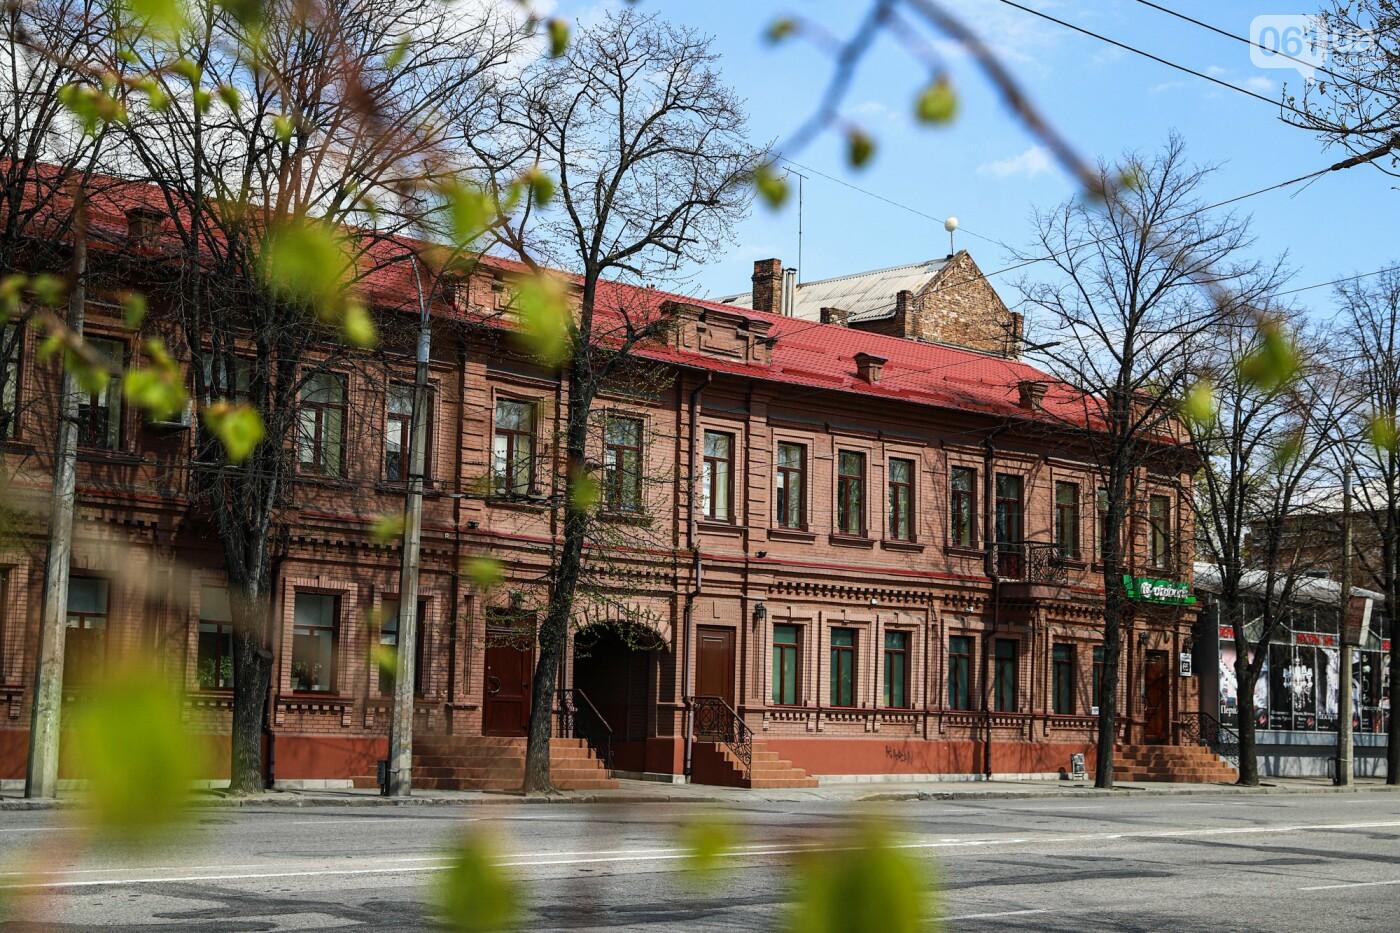 Памятники Старого Александровска: как сейчас выглядит доходный дом Регирера, - ФОТО, фото-5